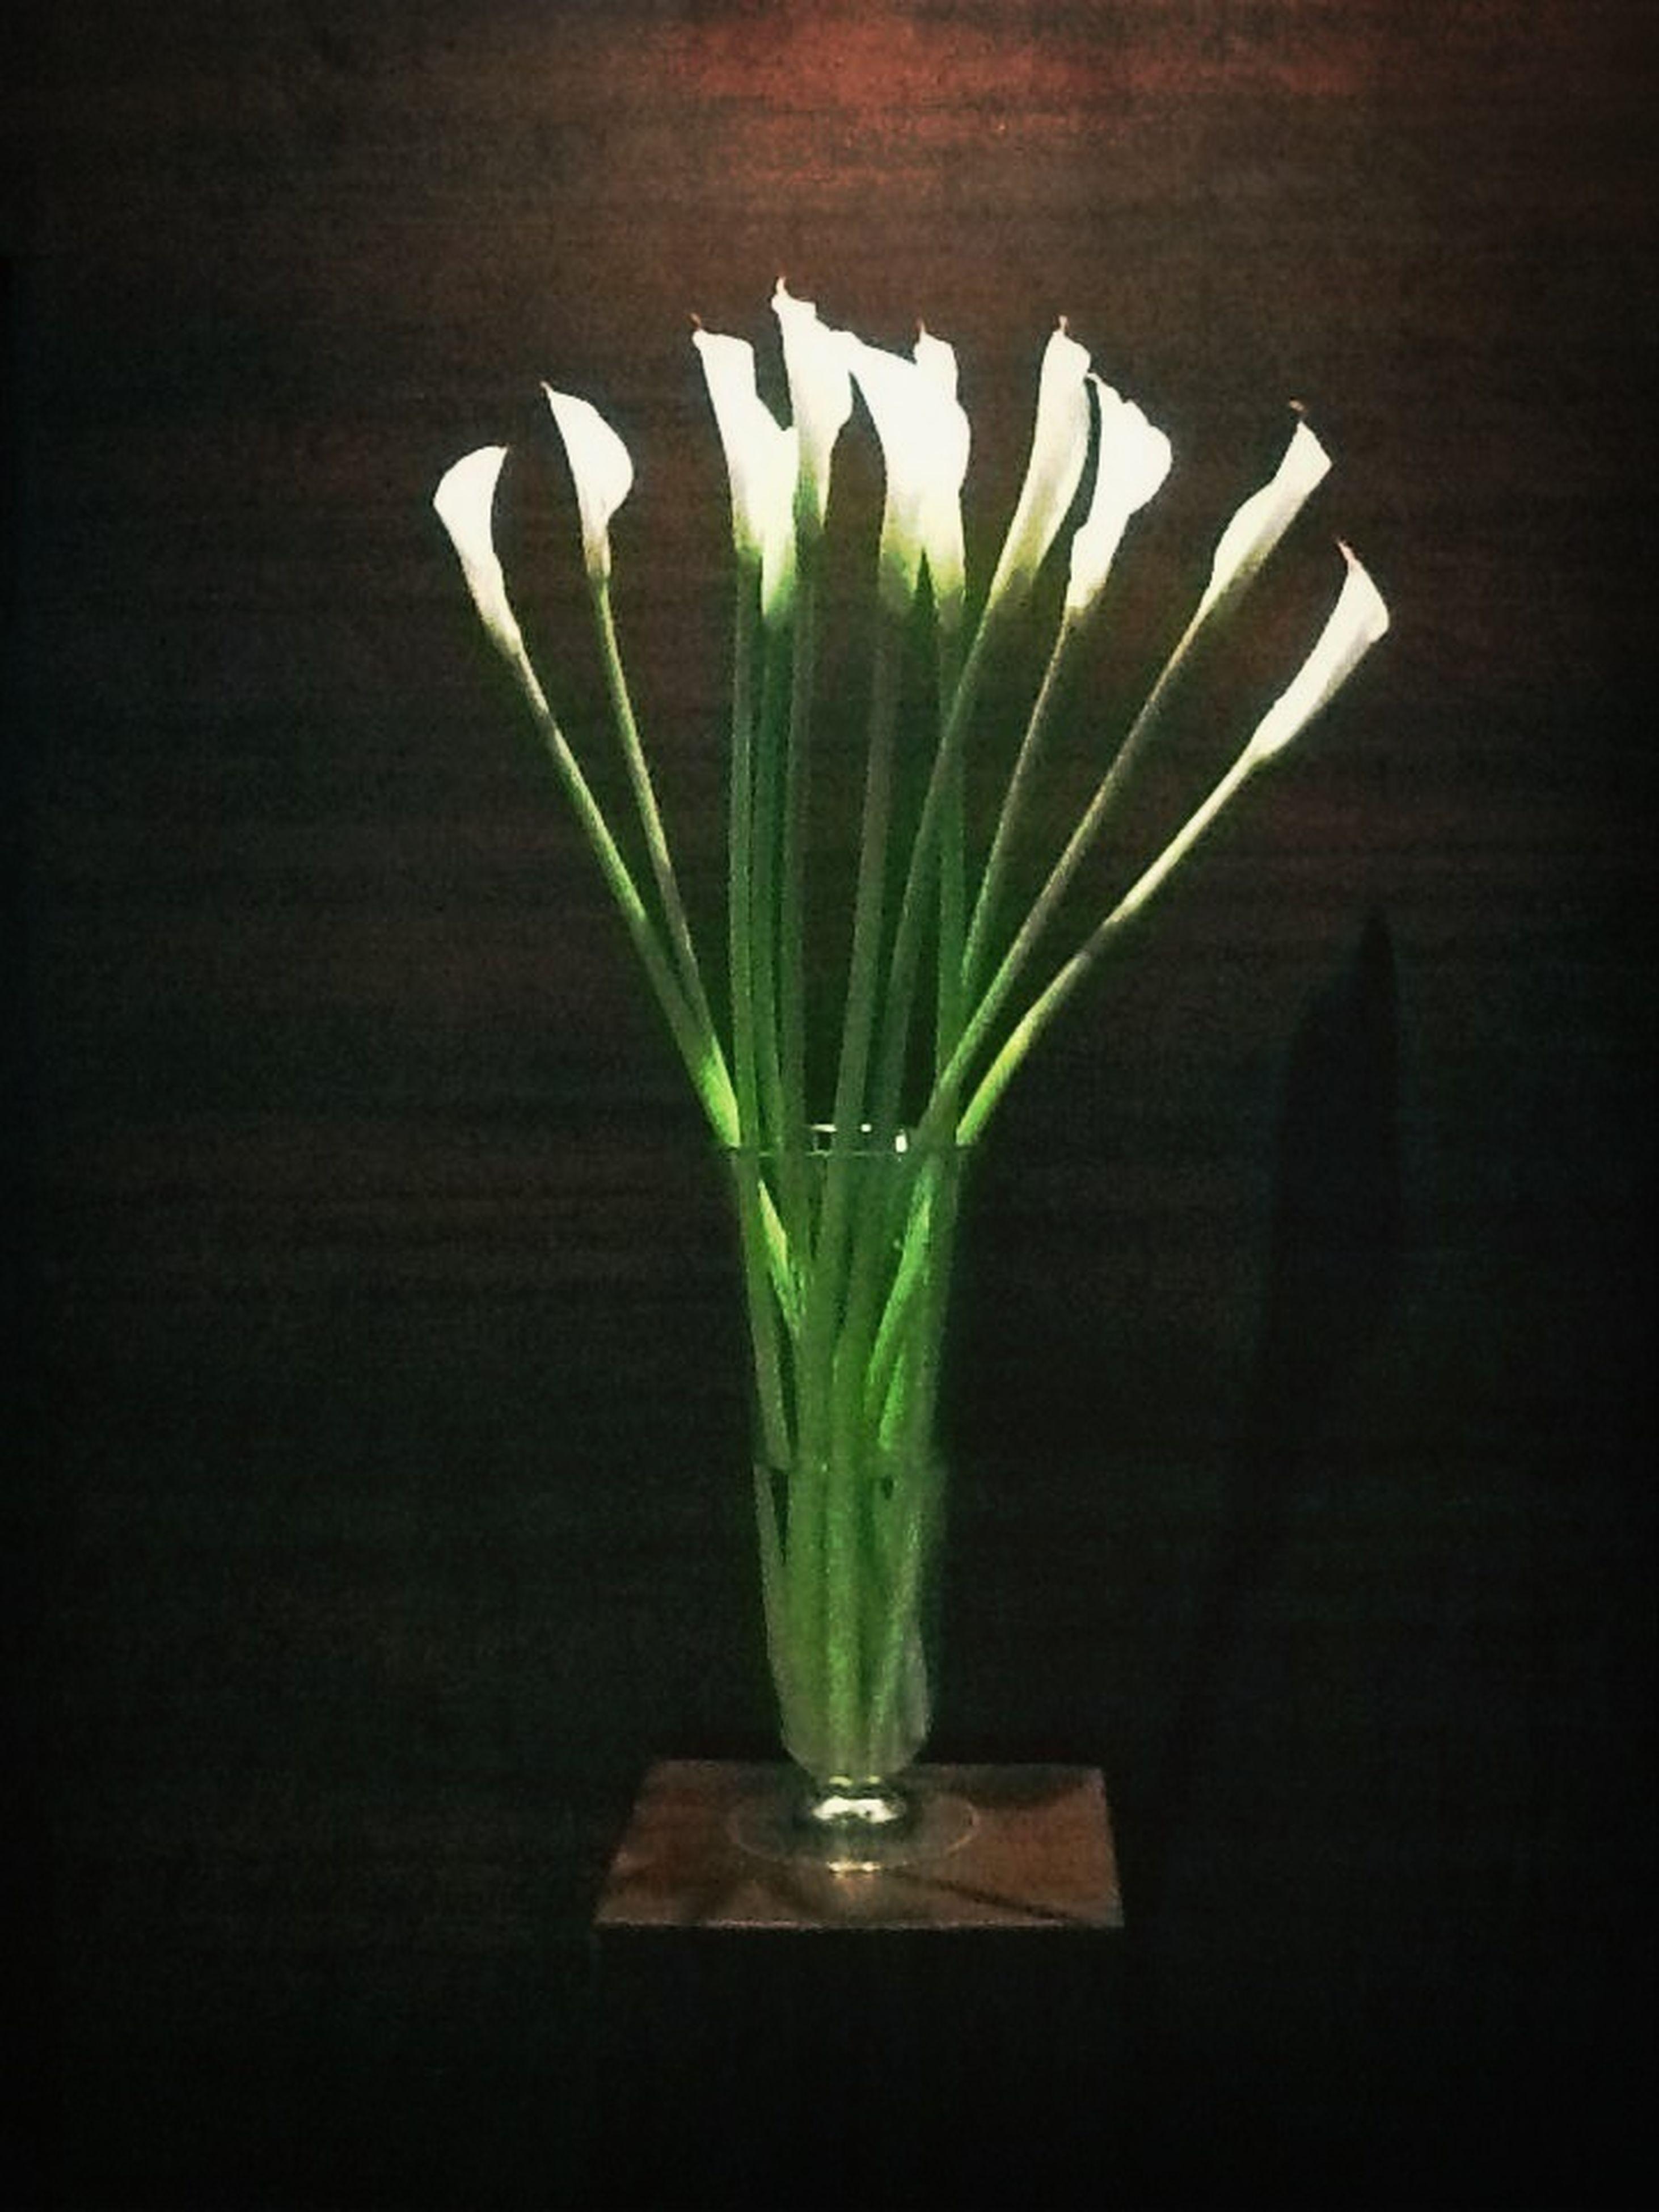 indoors, table, vase, flower, freshness, still life, fragility, close-up, studio shot, glass - material, home interior, decoration, black background, flower arrangement, stem, leaf, flower head, petal, plant, no people